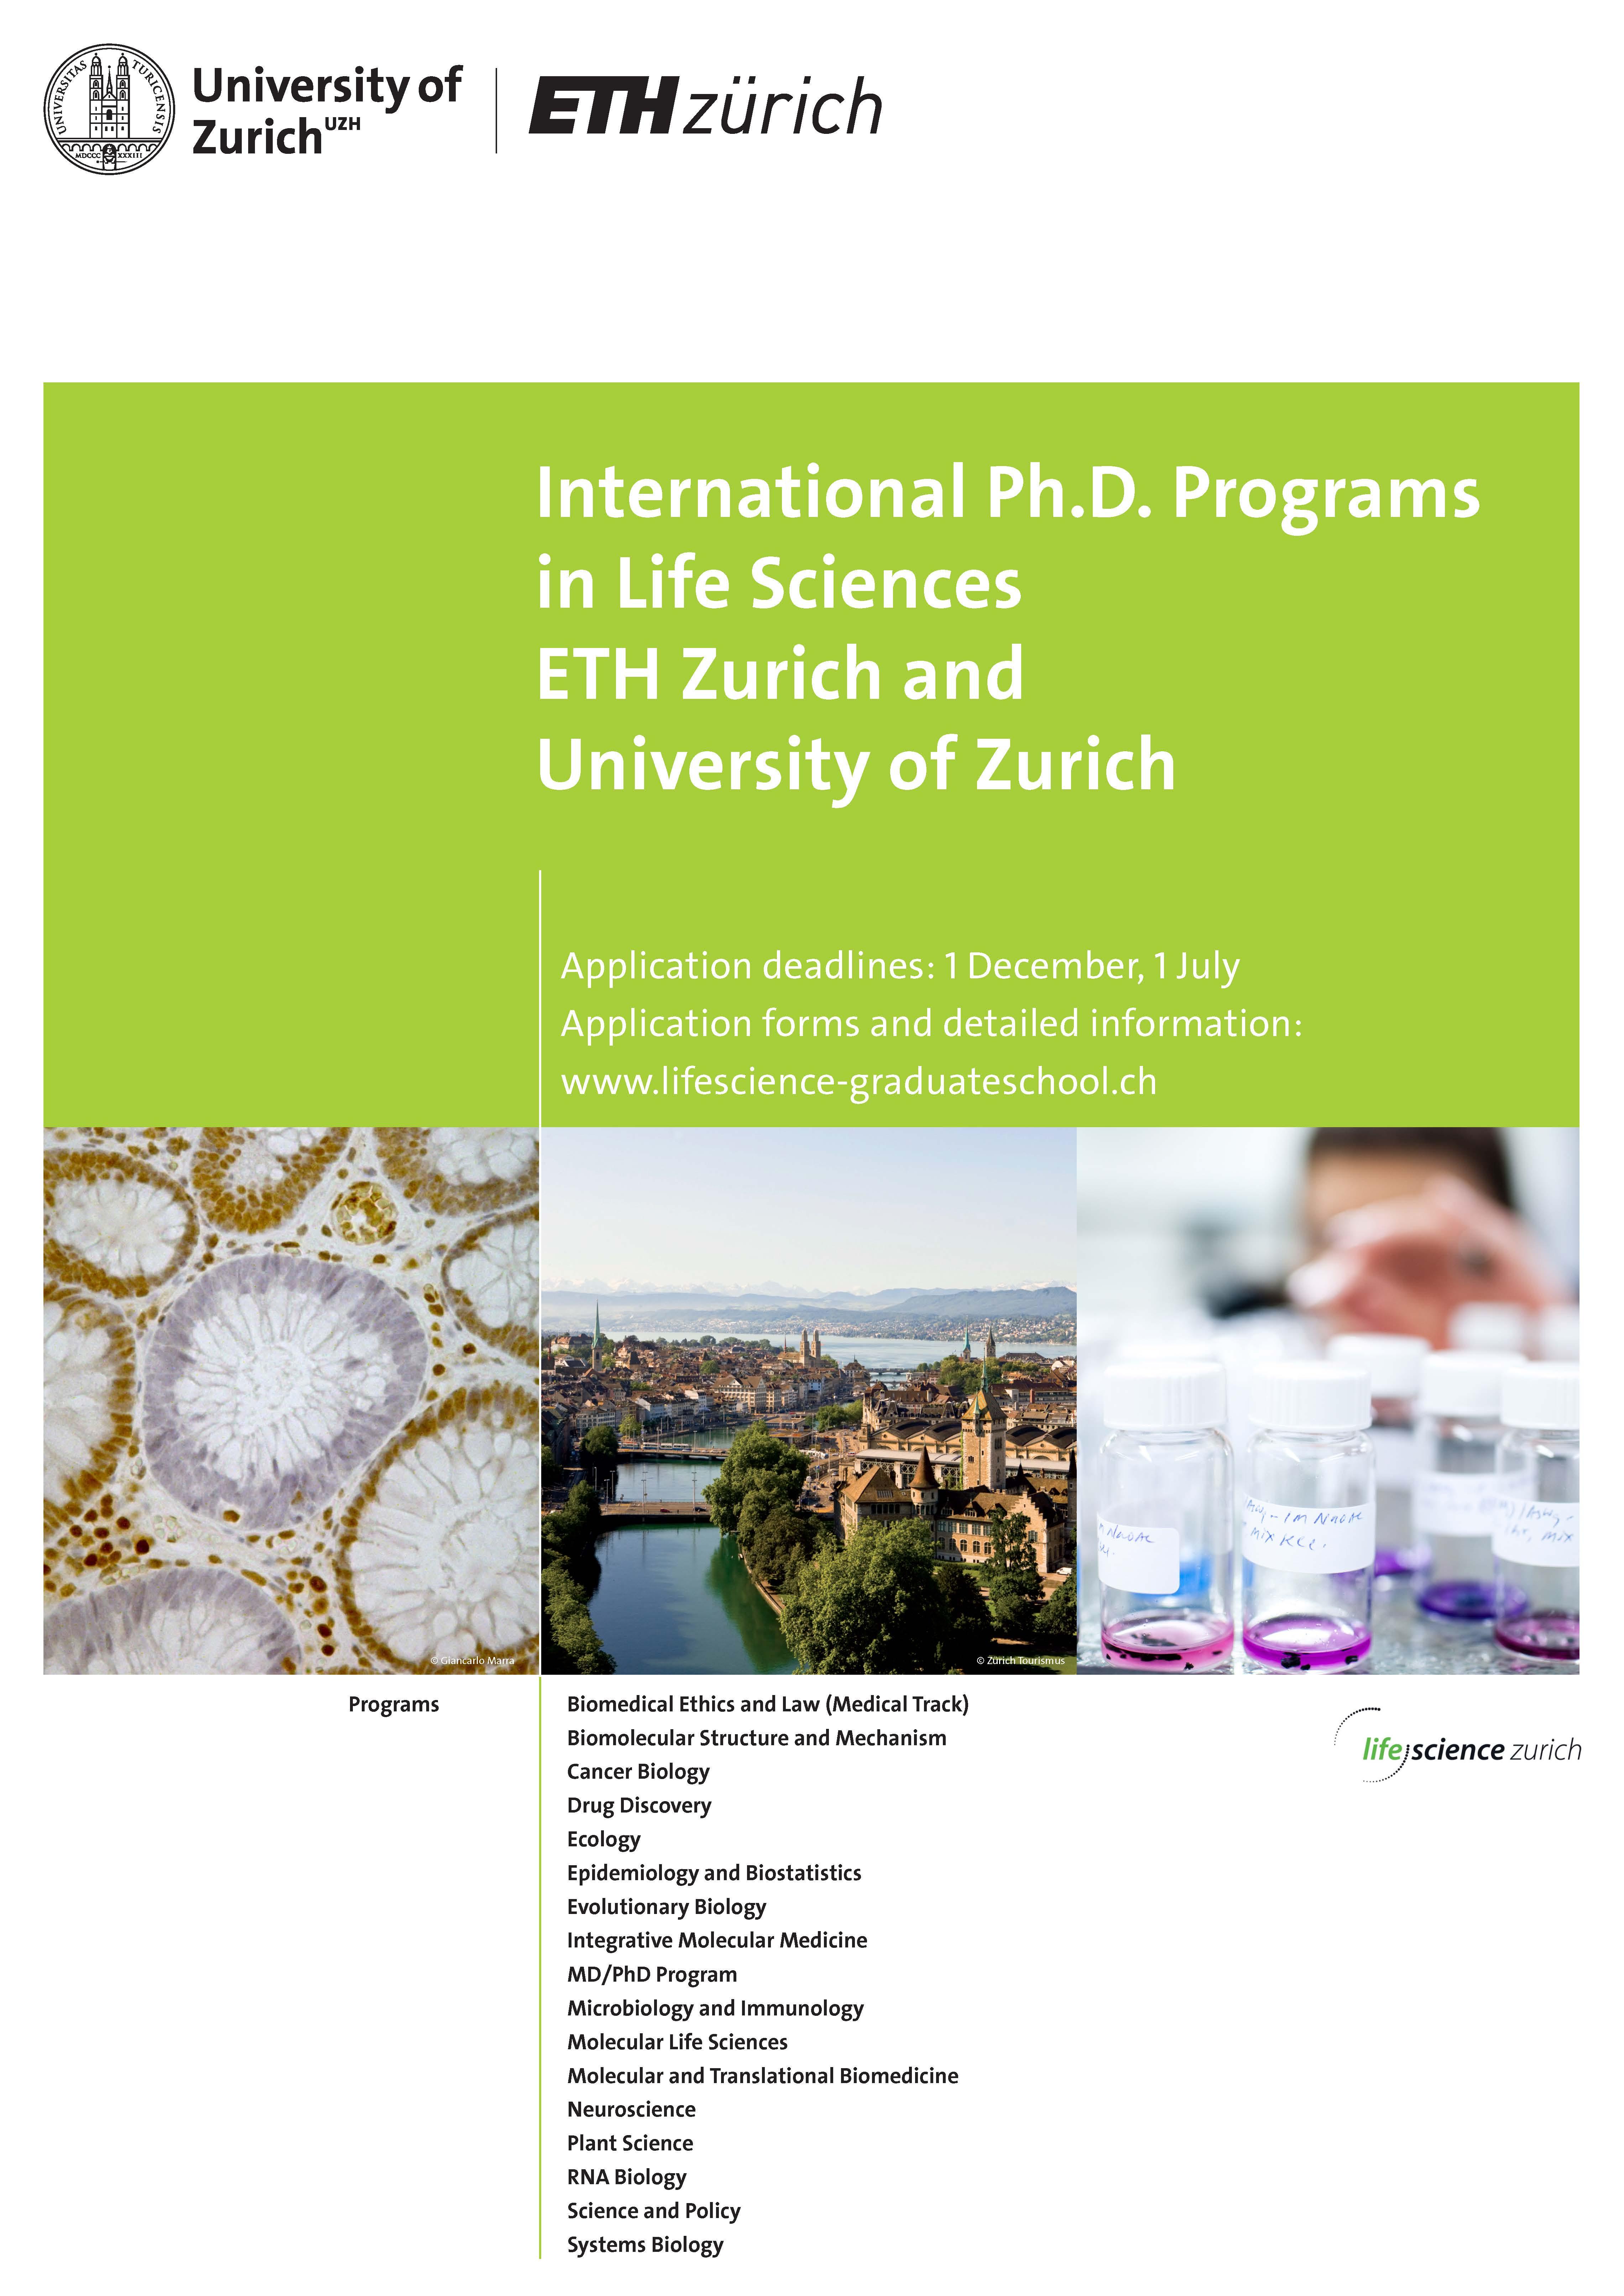 UZH Life Science Zurich Graduate School About LSZGS